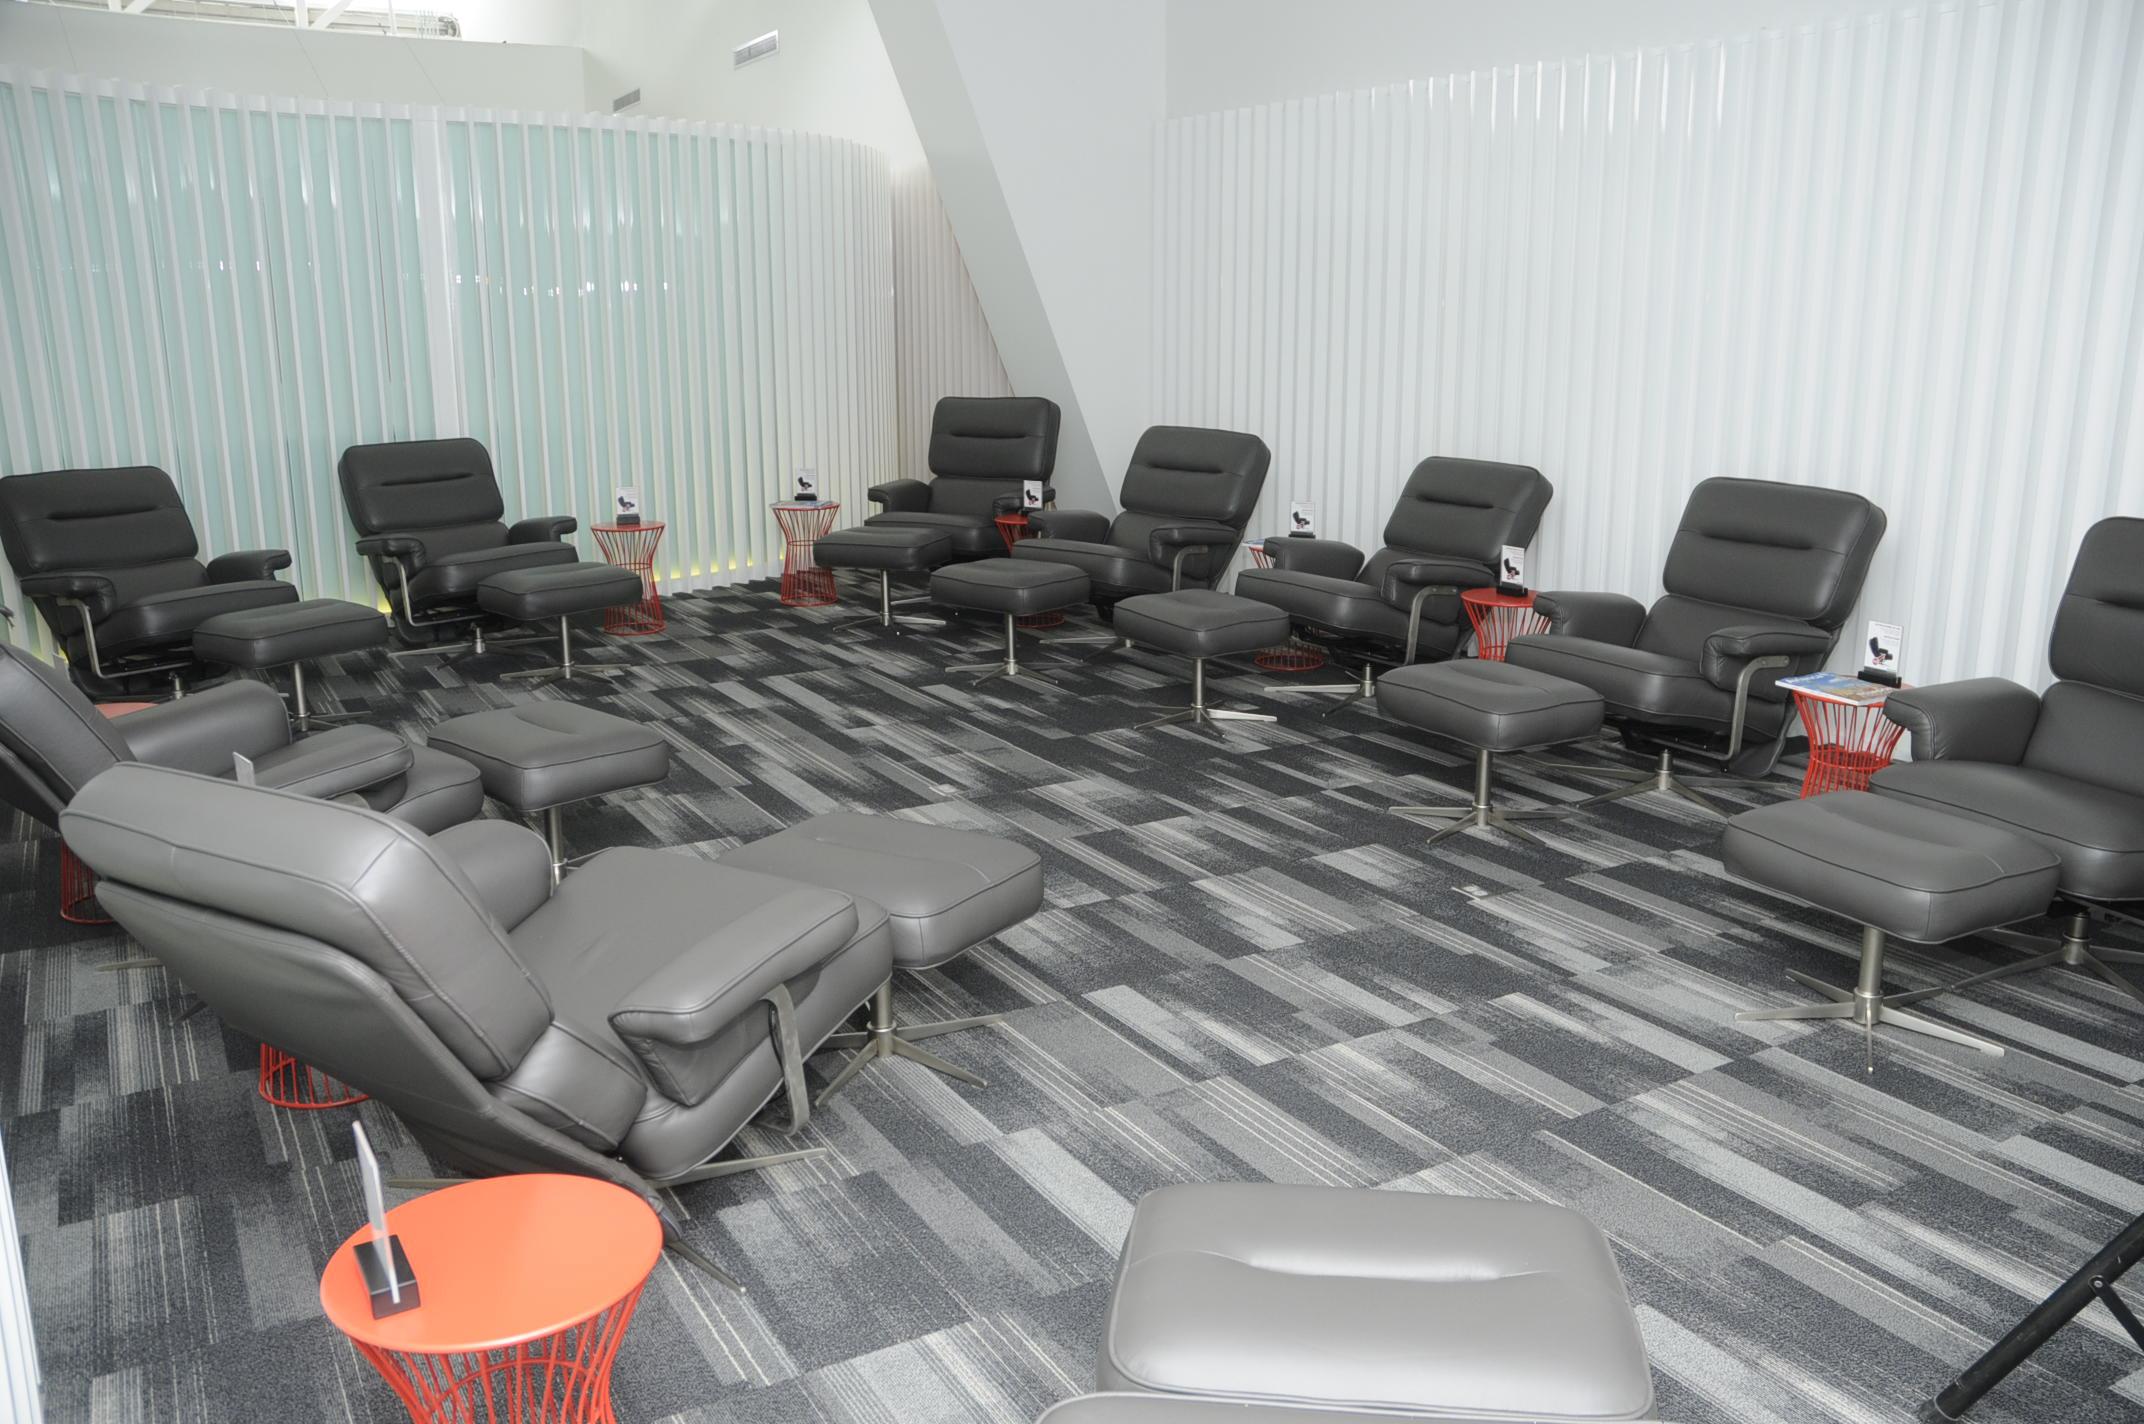 Nueva sala VIP de Avianca en Cartagena